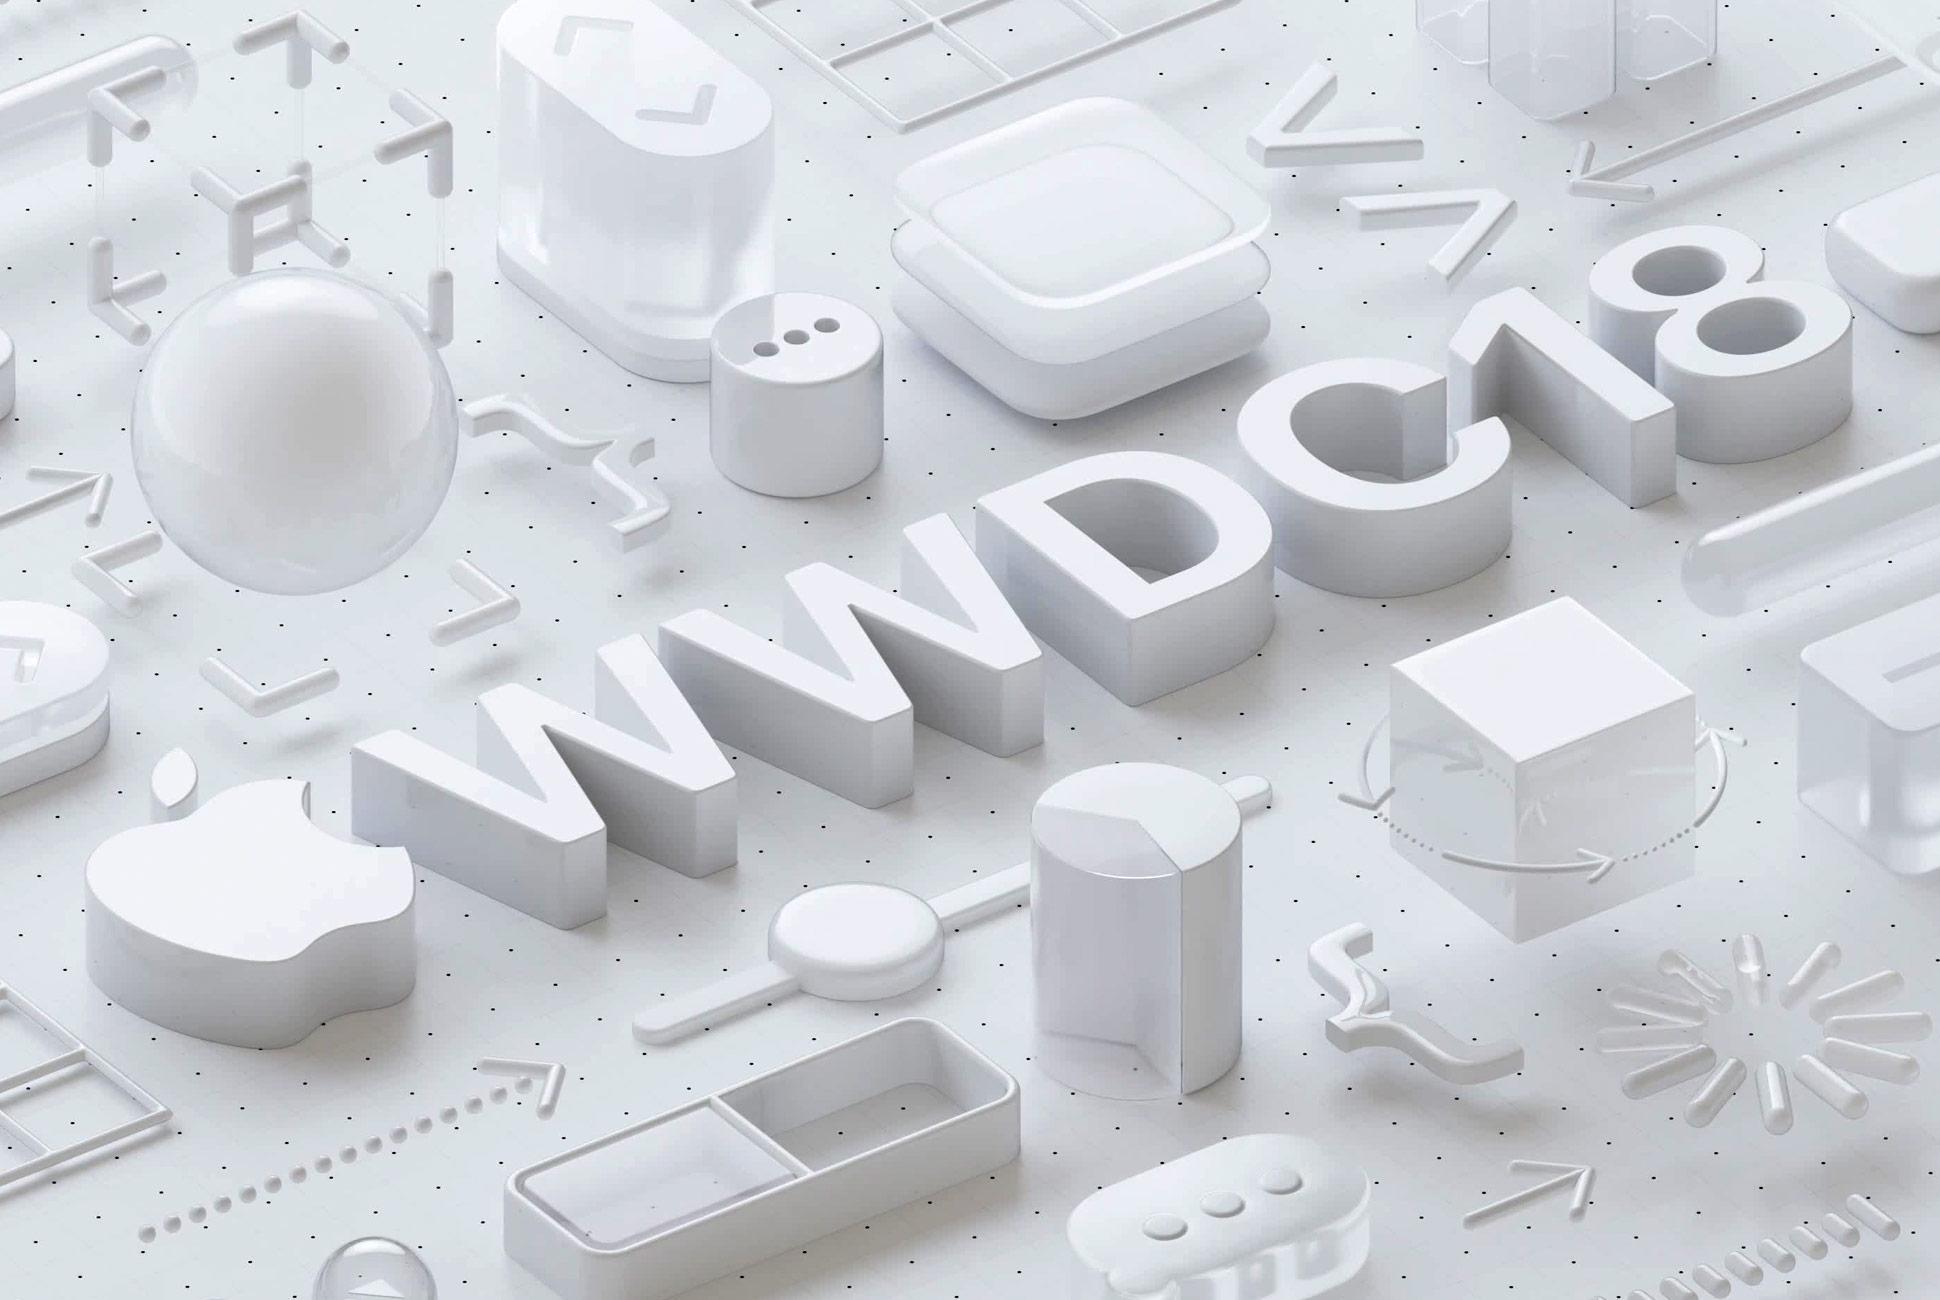 Apple Keynote 2018 etkinliğinde beklenen olmadı! Yine boş bir gece…